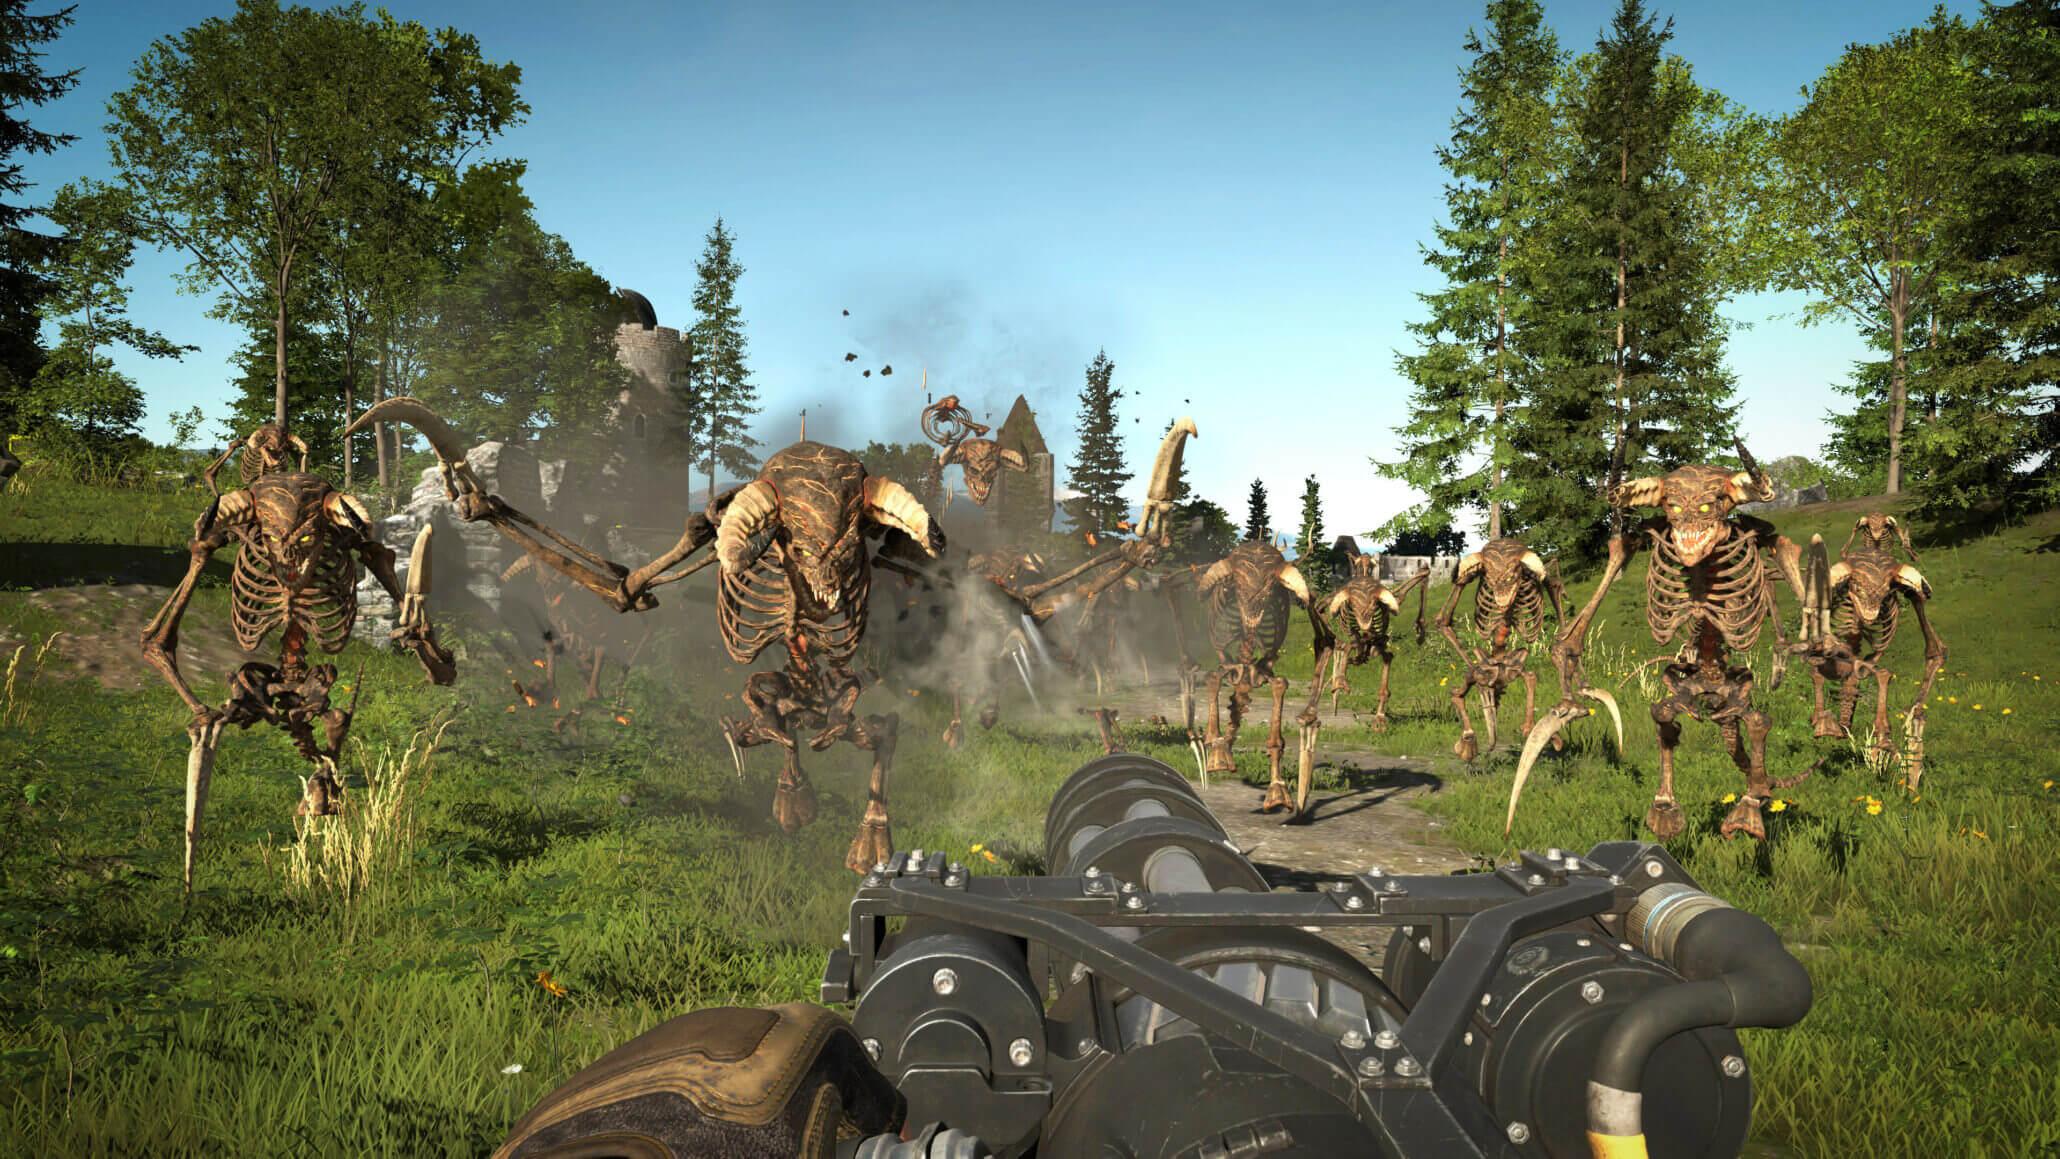 Disponibile un nuovo e violento gameplay per Serious Sam 4 thumbnail